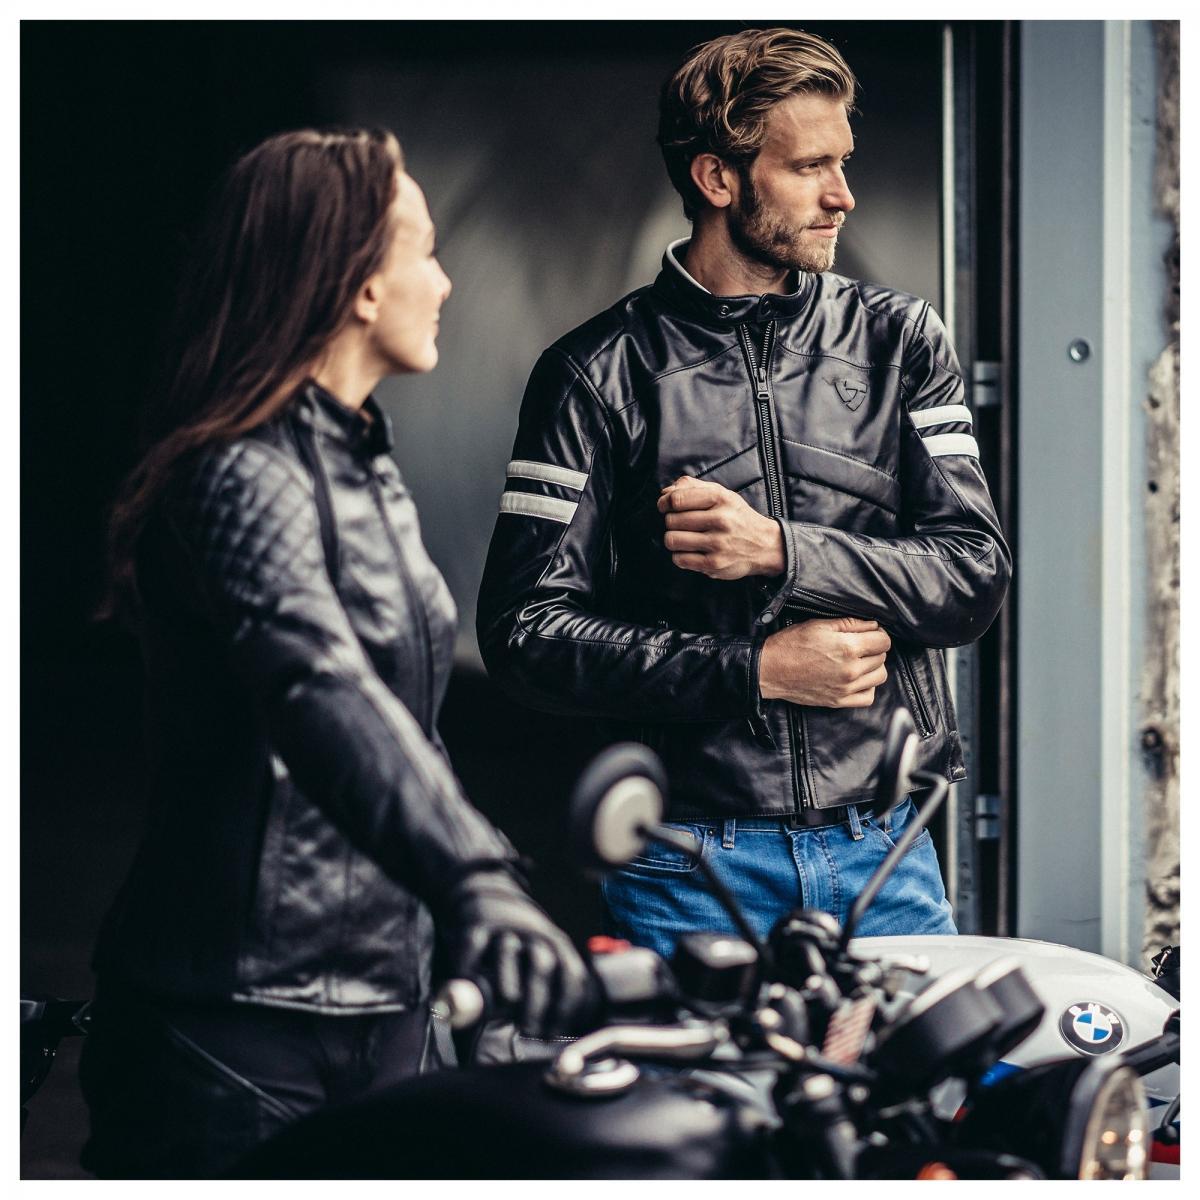 Revit Prometheus leather motorcycle Jacket